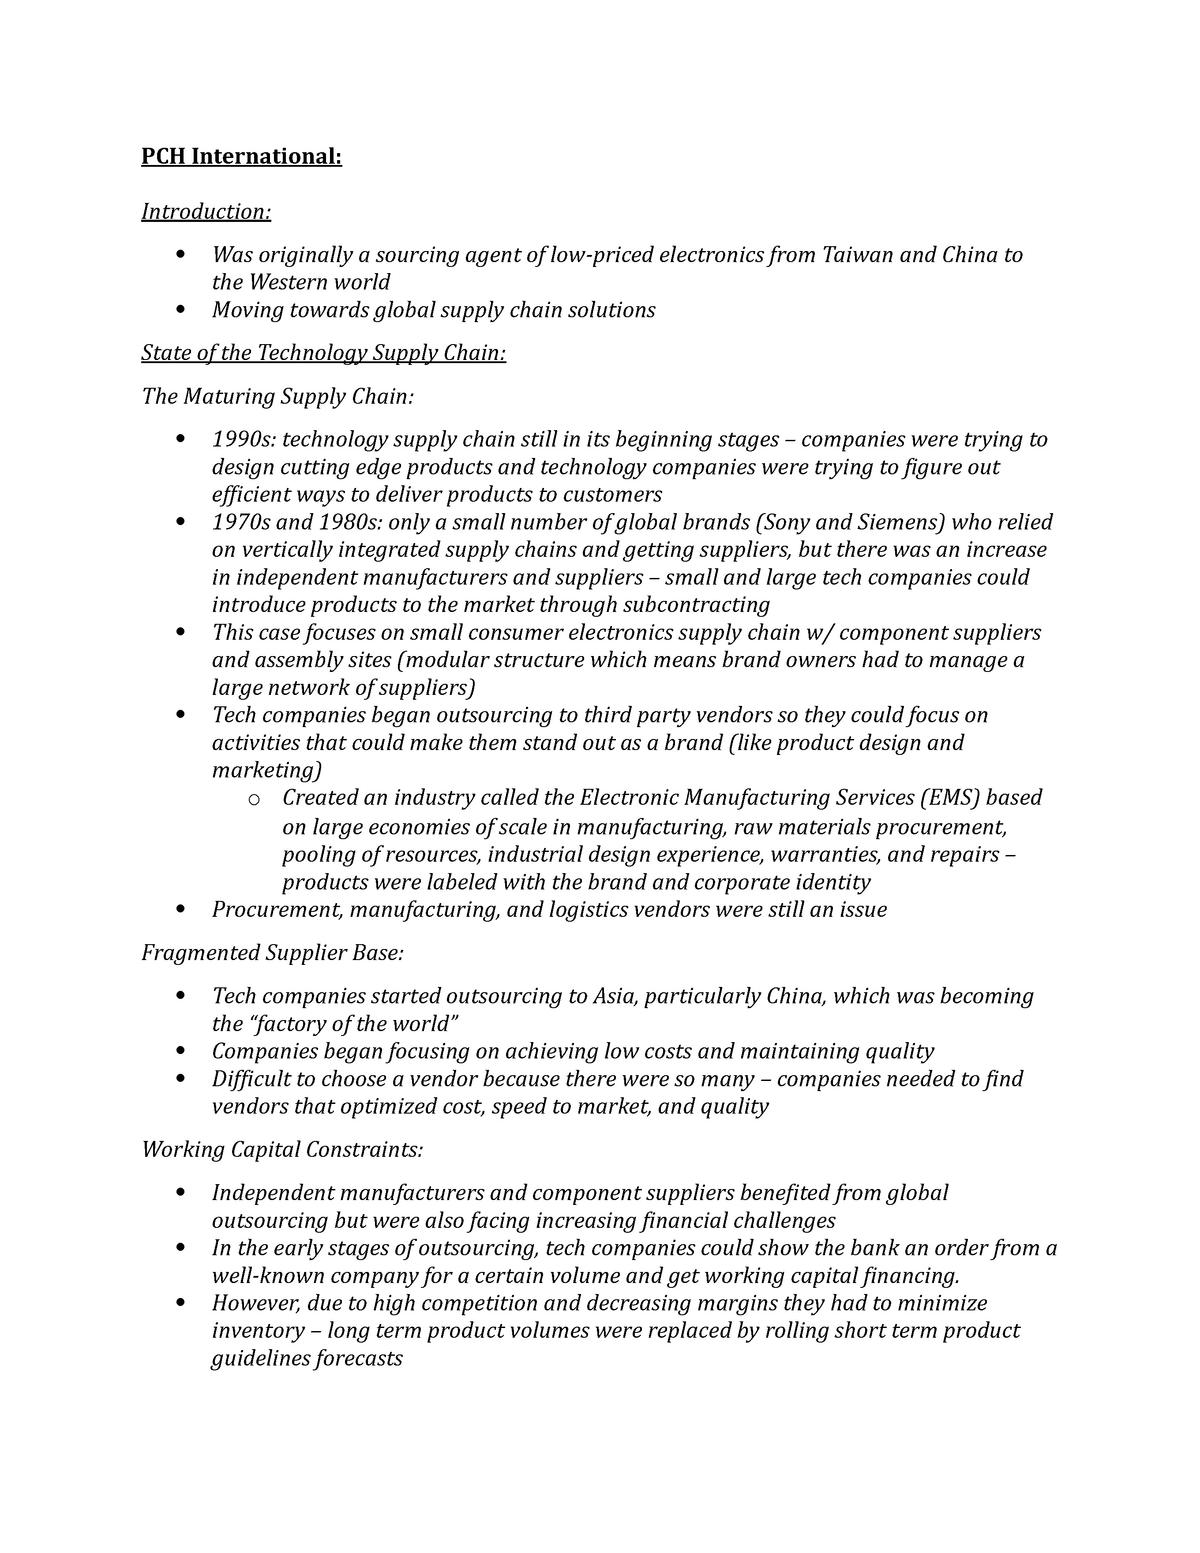 Summary - Case Study: Pch International - SCM 300 - ASU